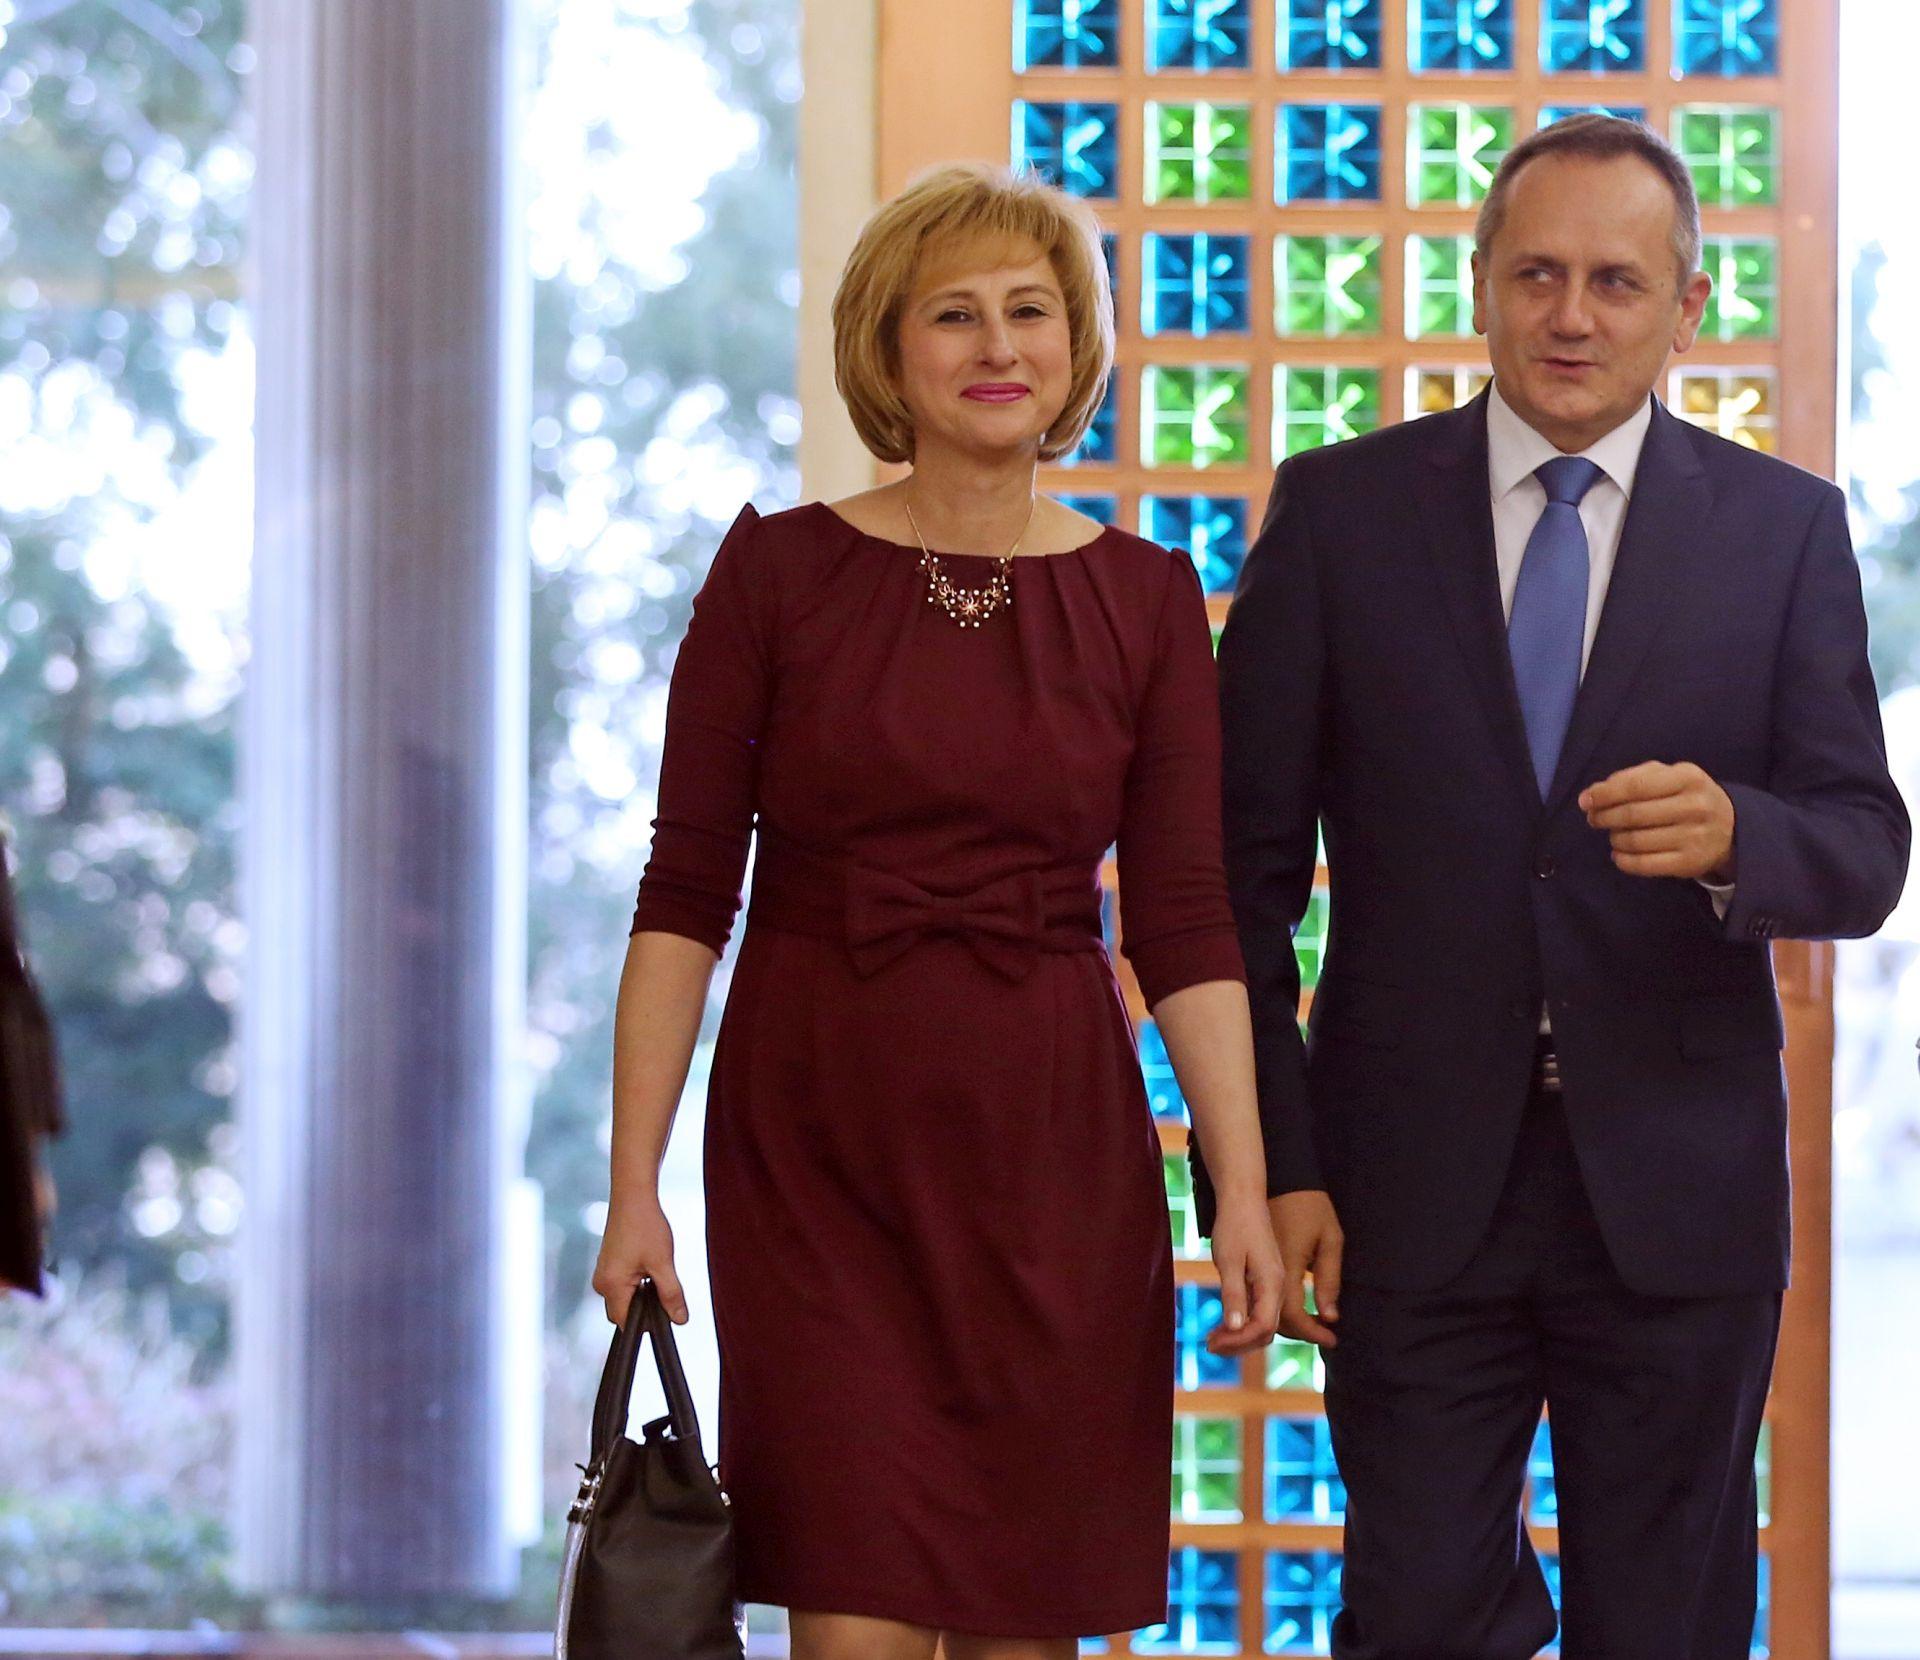 """GORDANA RUSAK U KLUBU HSLS-BUZ Hrebak: """"Očekujemo njezin velik angažman na izgradnji modernog, liberalnog političkog centra"""""""